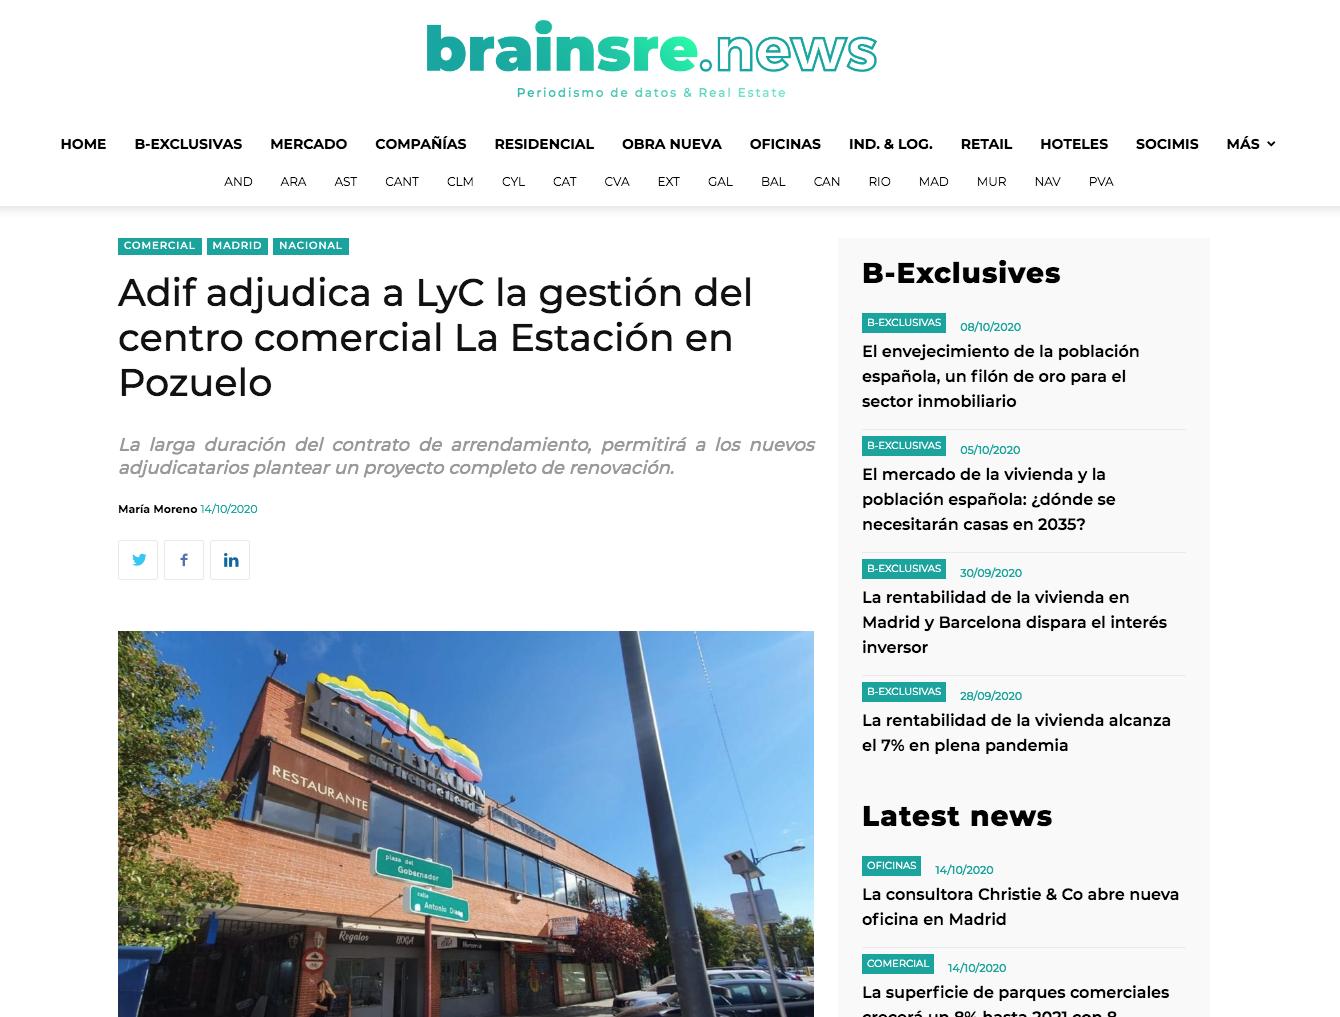 Adif adjudica a LyC la gestión del centro comercial La Estación en Pozuelo